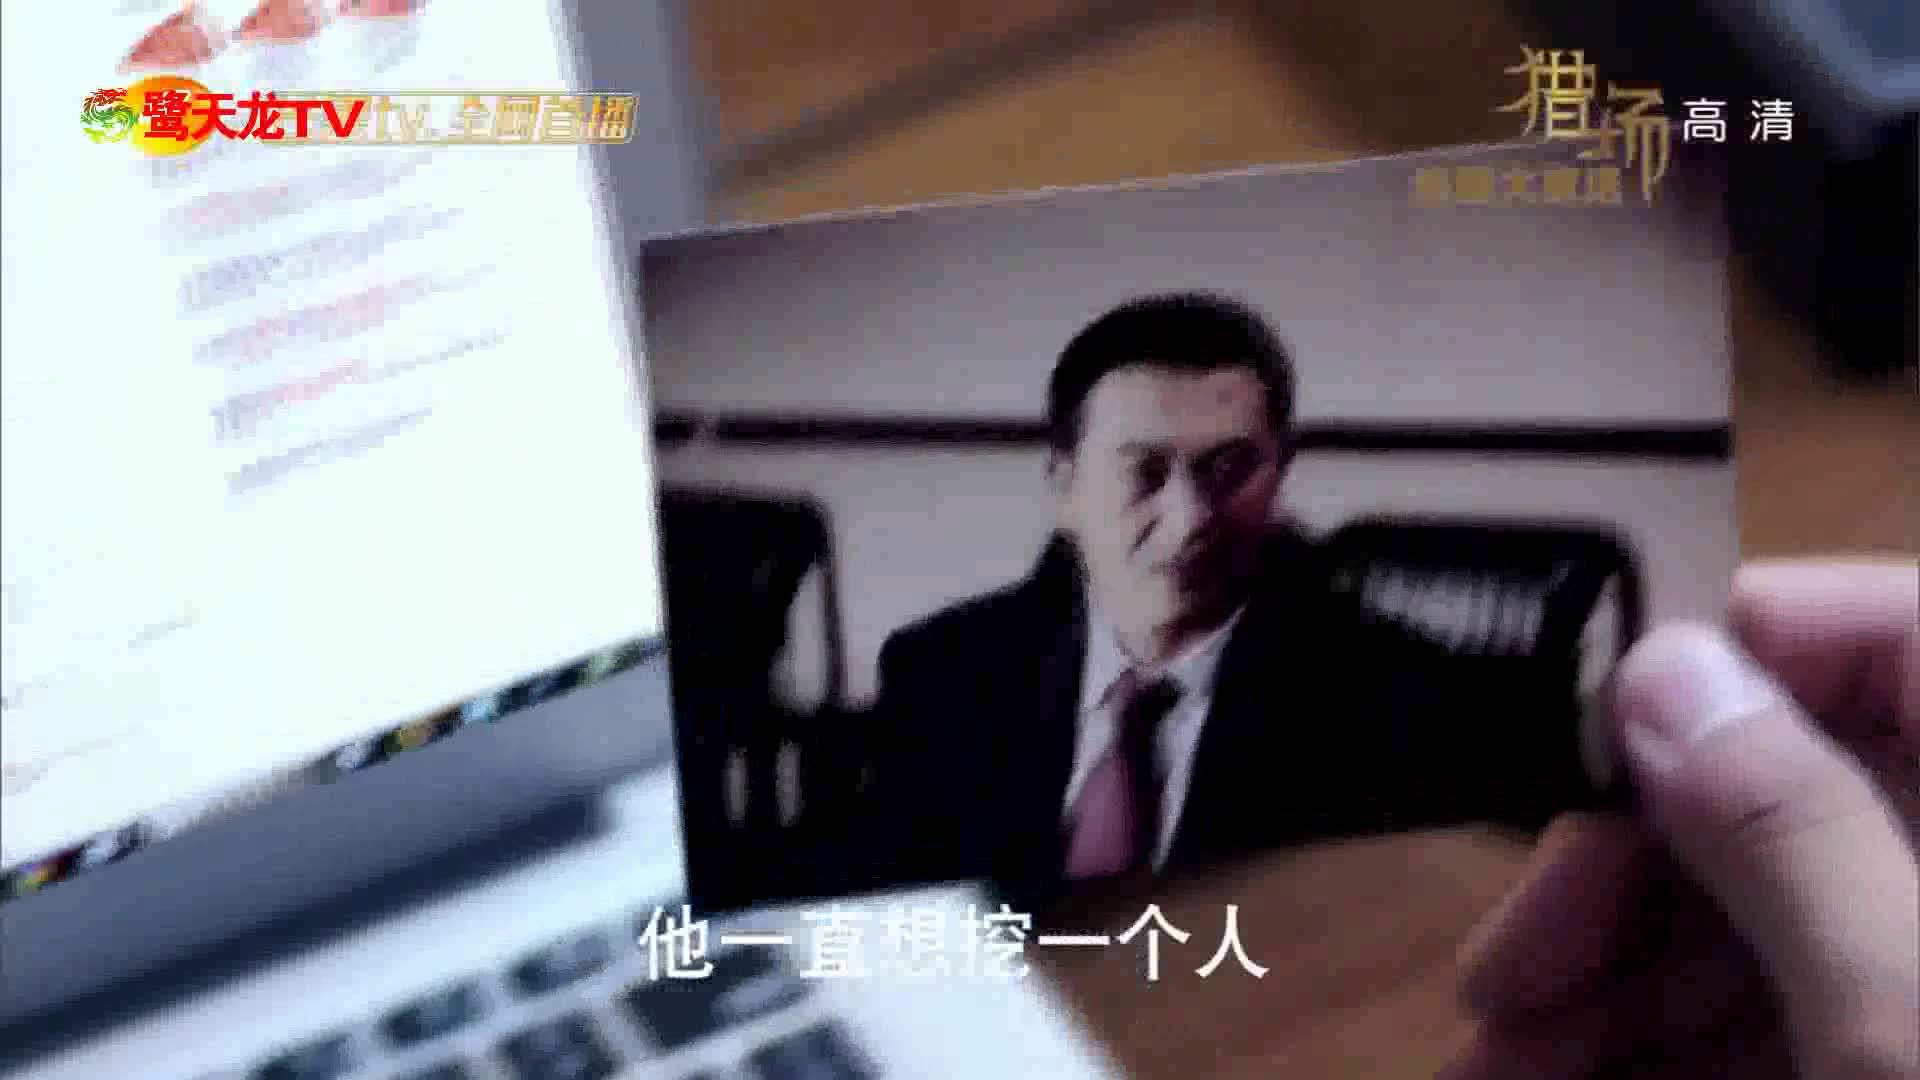 秋冬伊人联手套路曲闽京